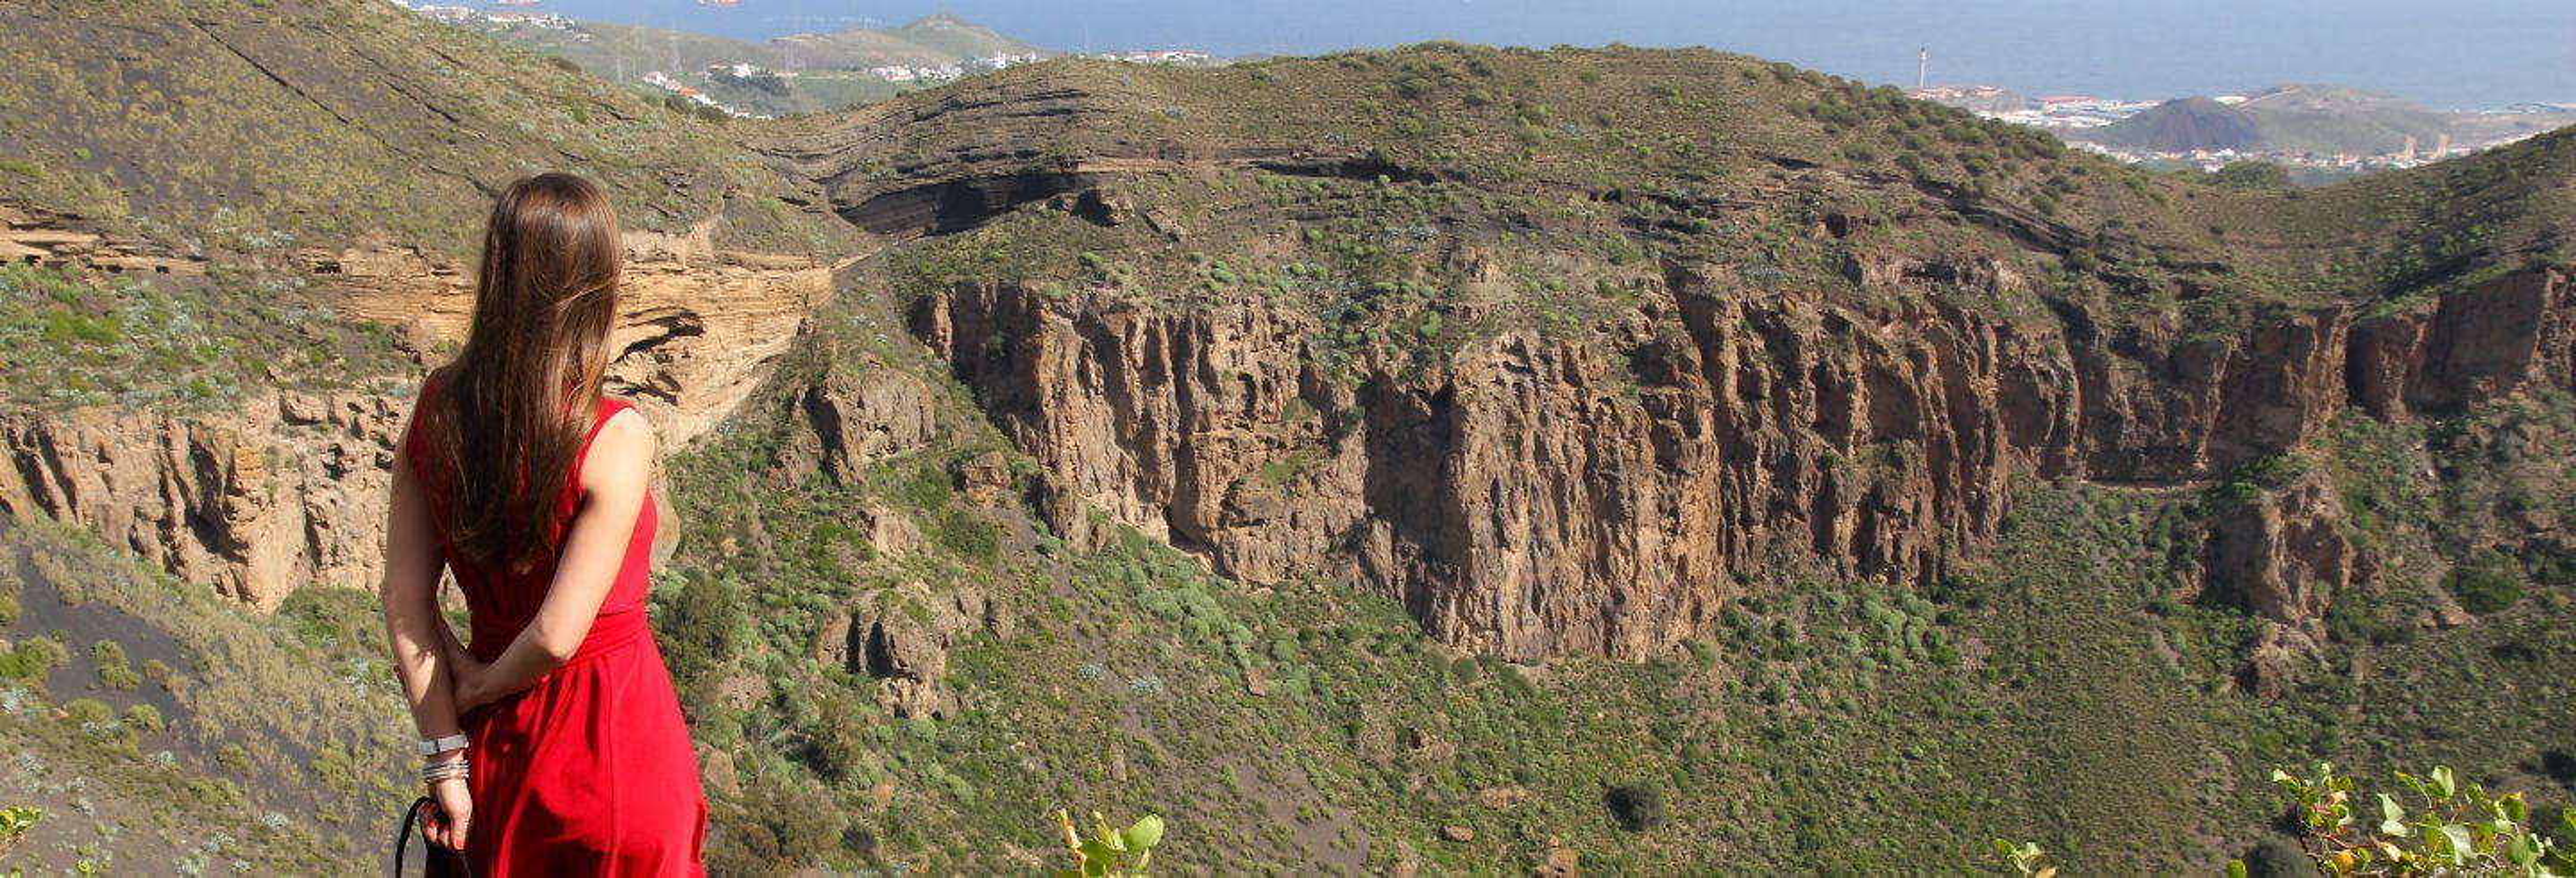 Teror, el Roque Nublo y la caldera de Bandama desde Las Palmas